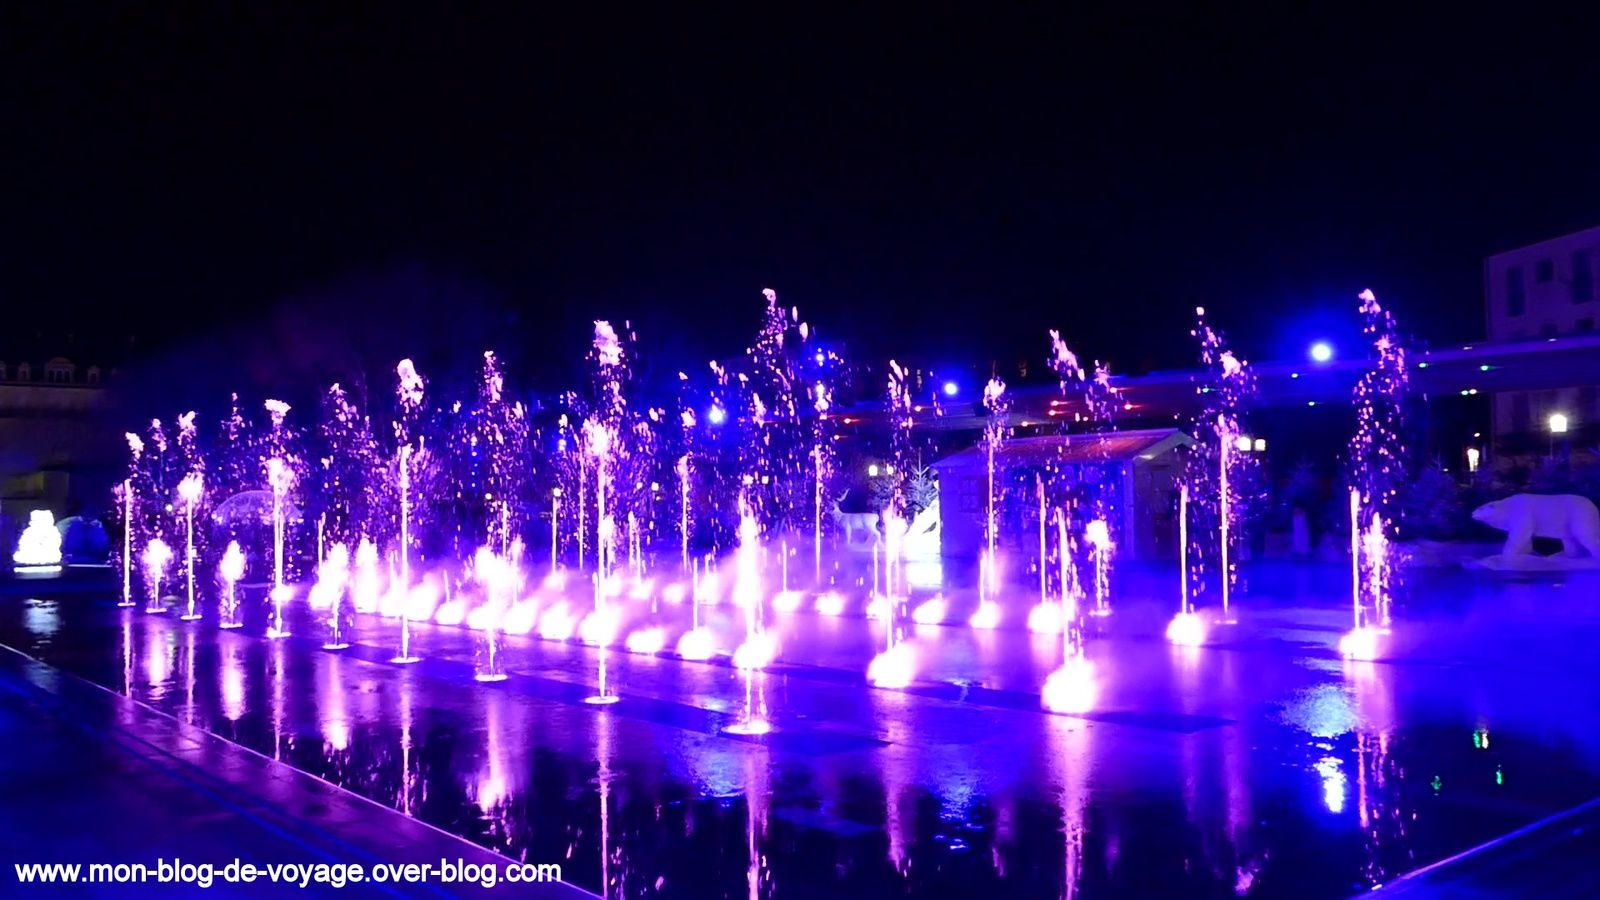 Quelques instantanés du spectacle de Noël de la fontaine lumineuse de la place Jean Jaurès (décembre 2019, images personnelles)